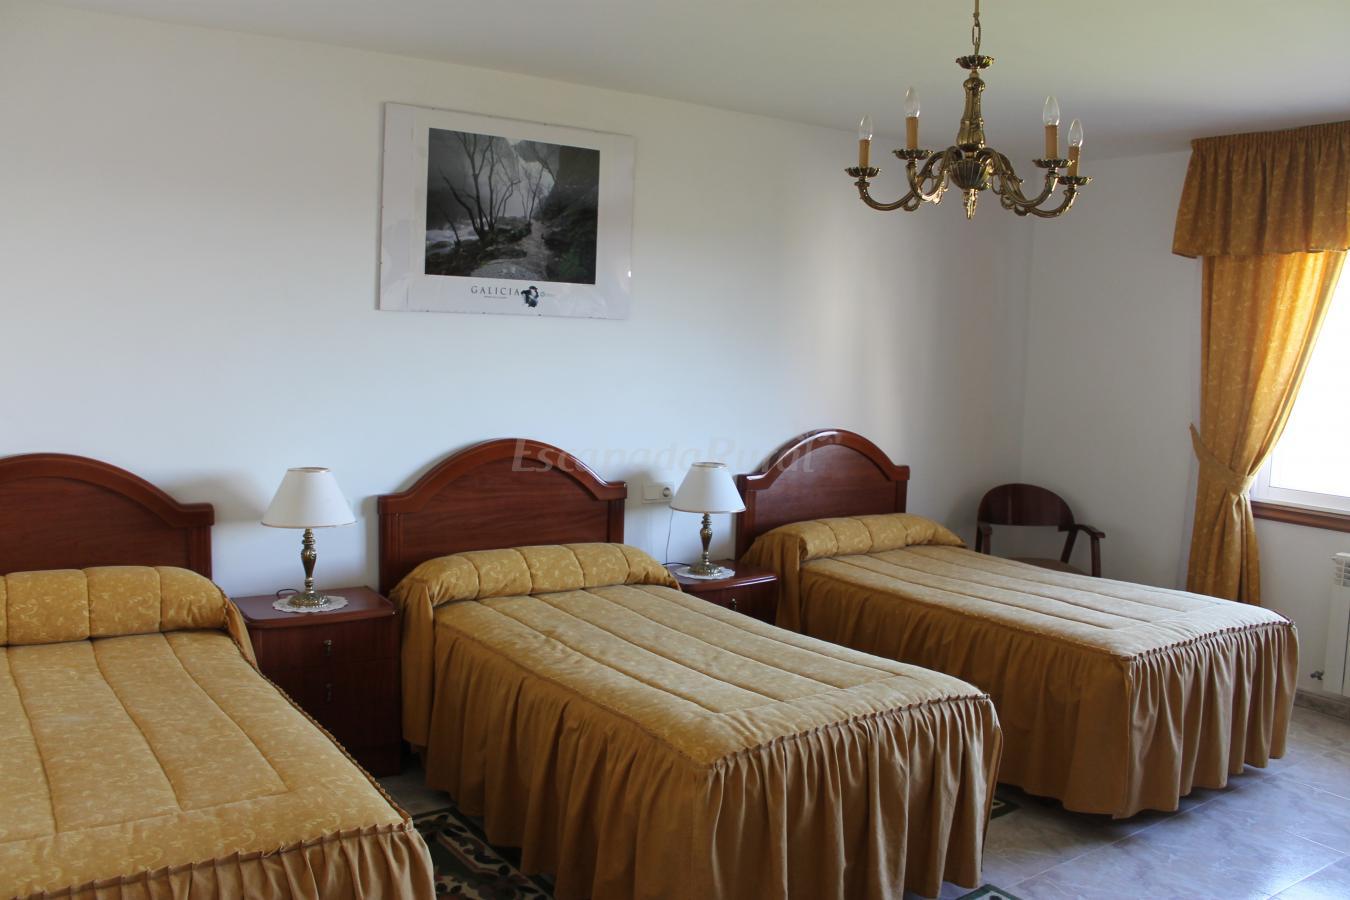 Fotos de pensi n r mes n novo casa rural en ordes - Tres camas en habitacion pequena ...